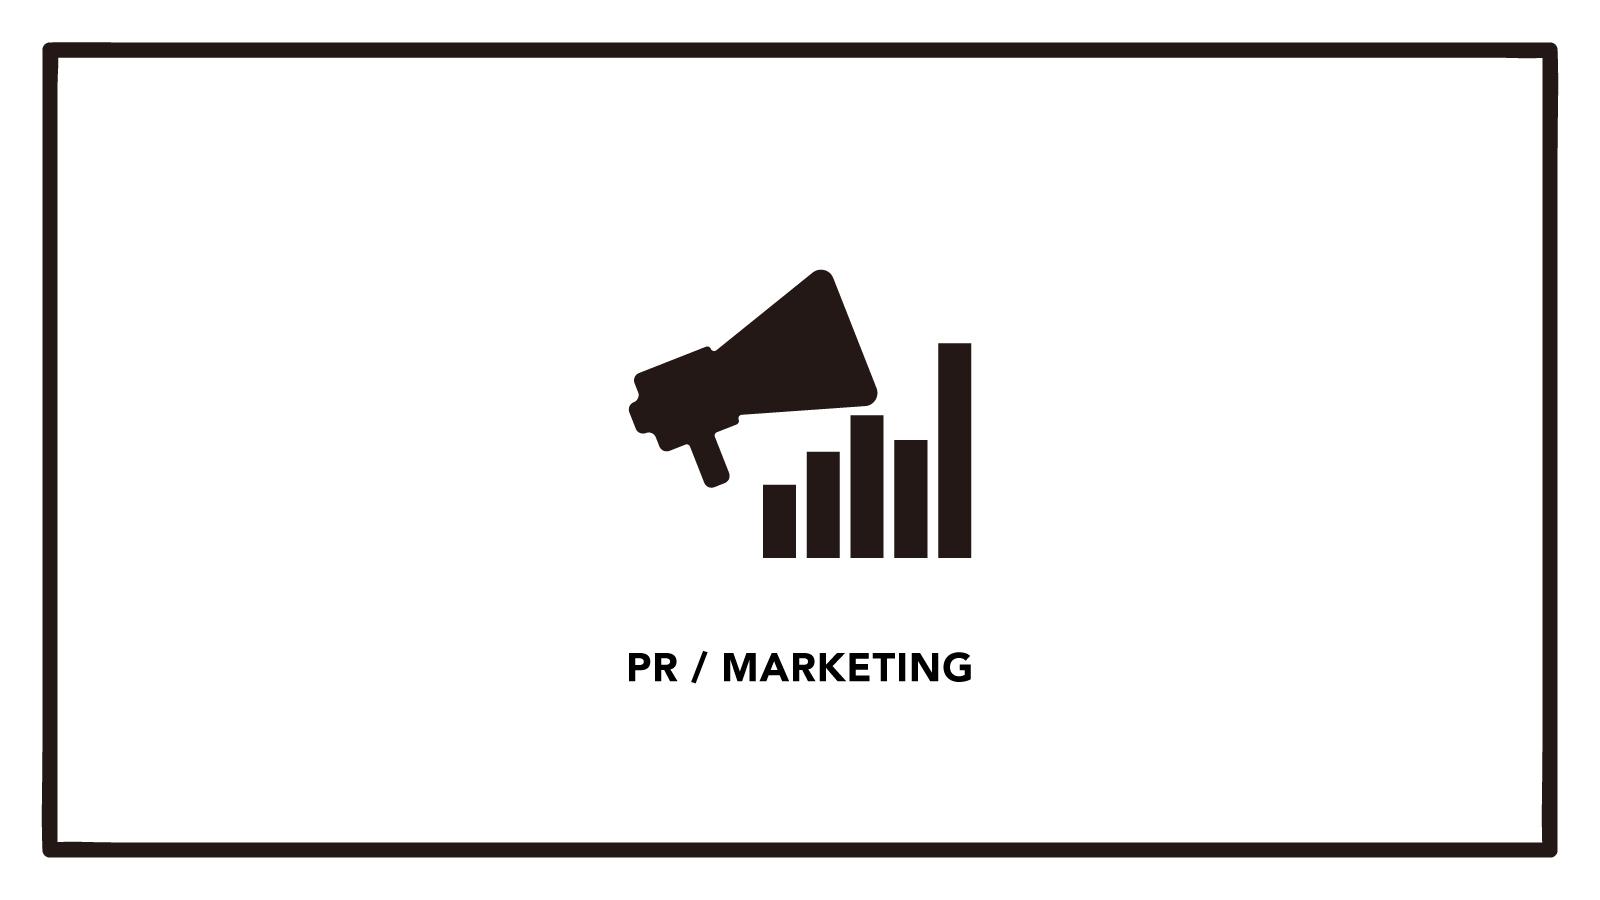 販促・マーケティング担当のプロフェッショナルを募集していますのカバー写真